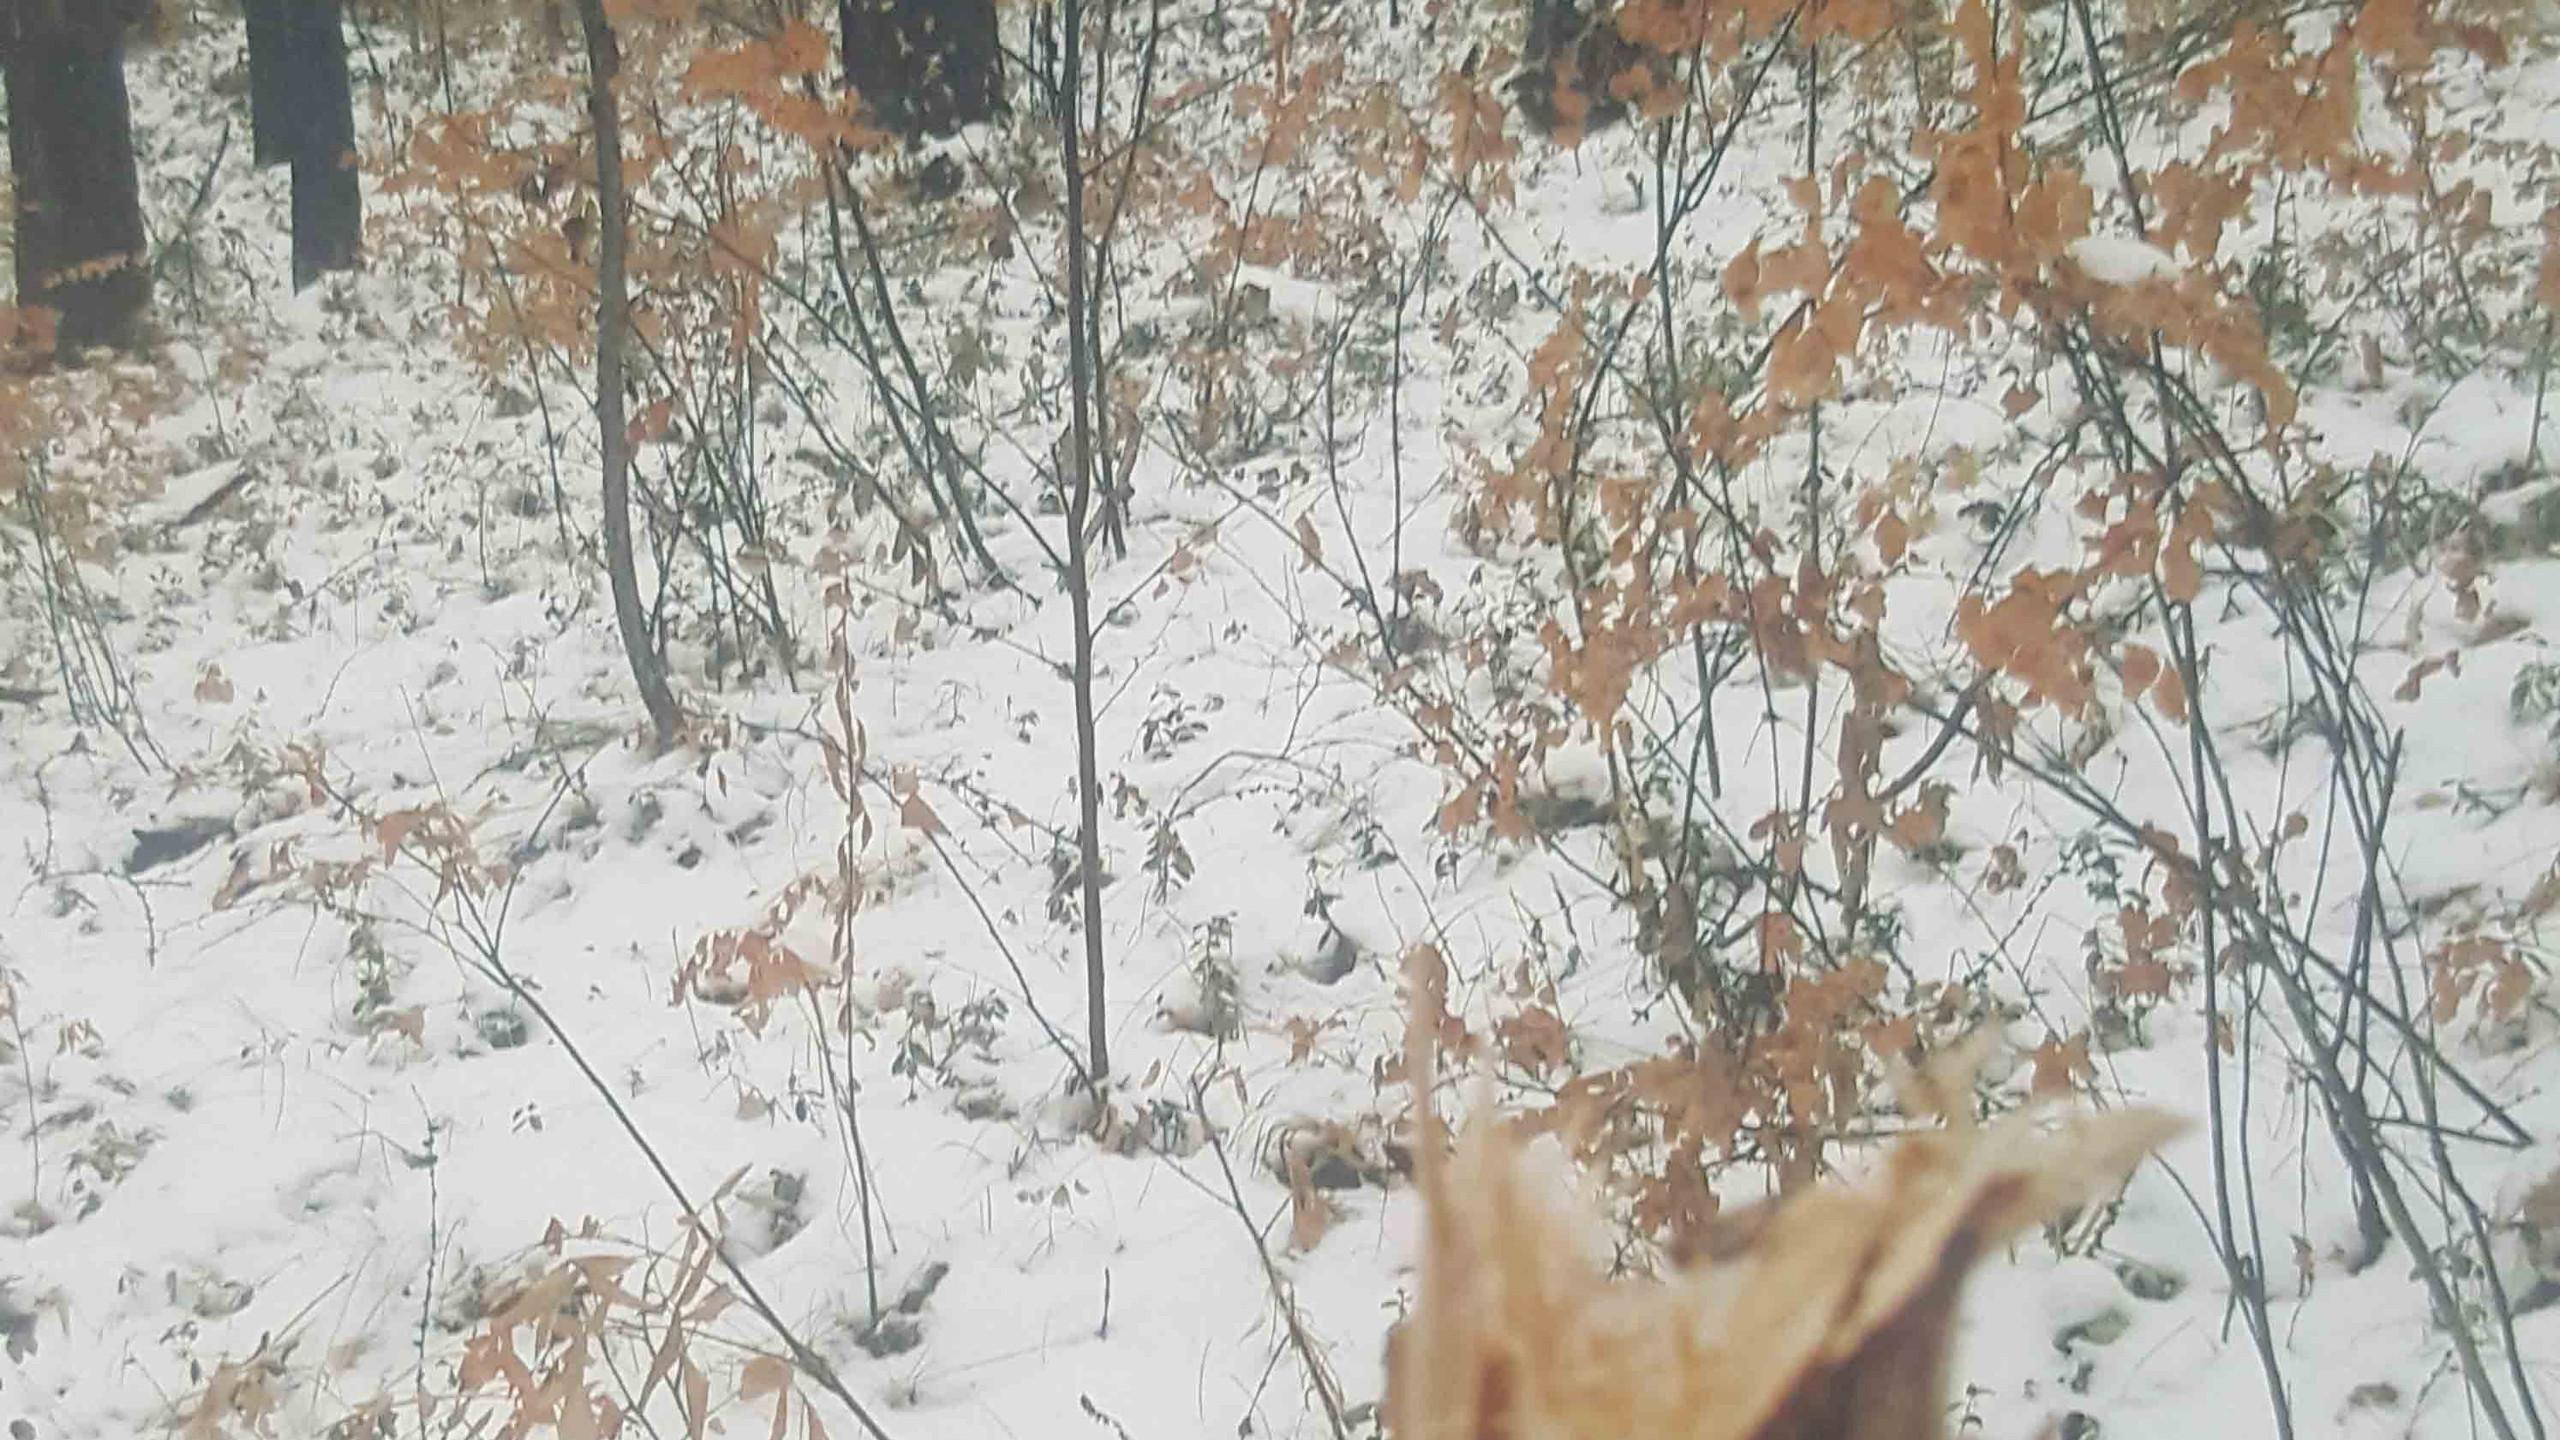 Мартынова Софья 7 лет Вырубка леса